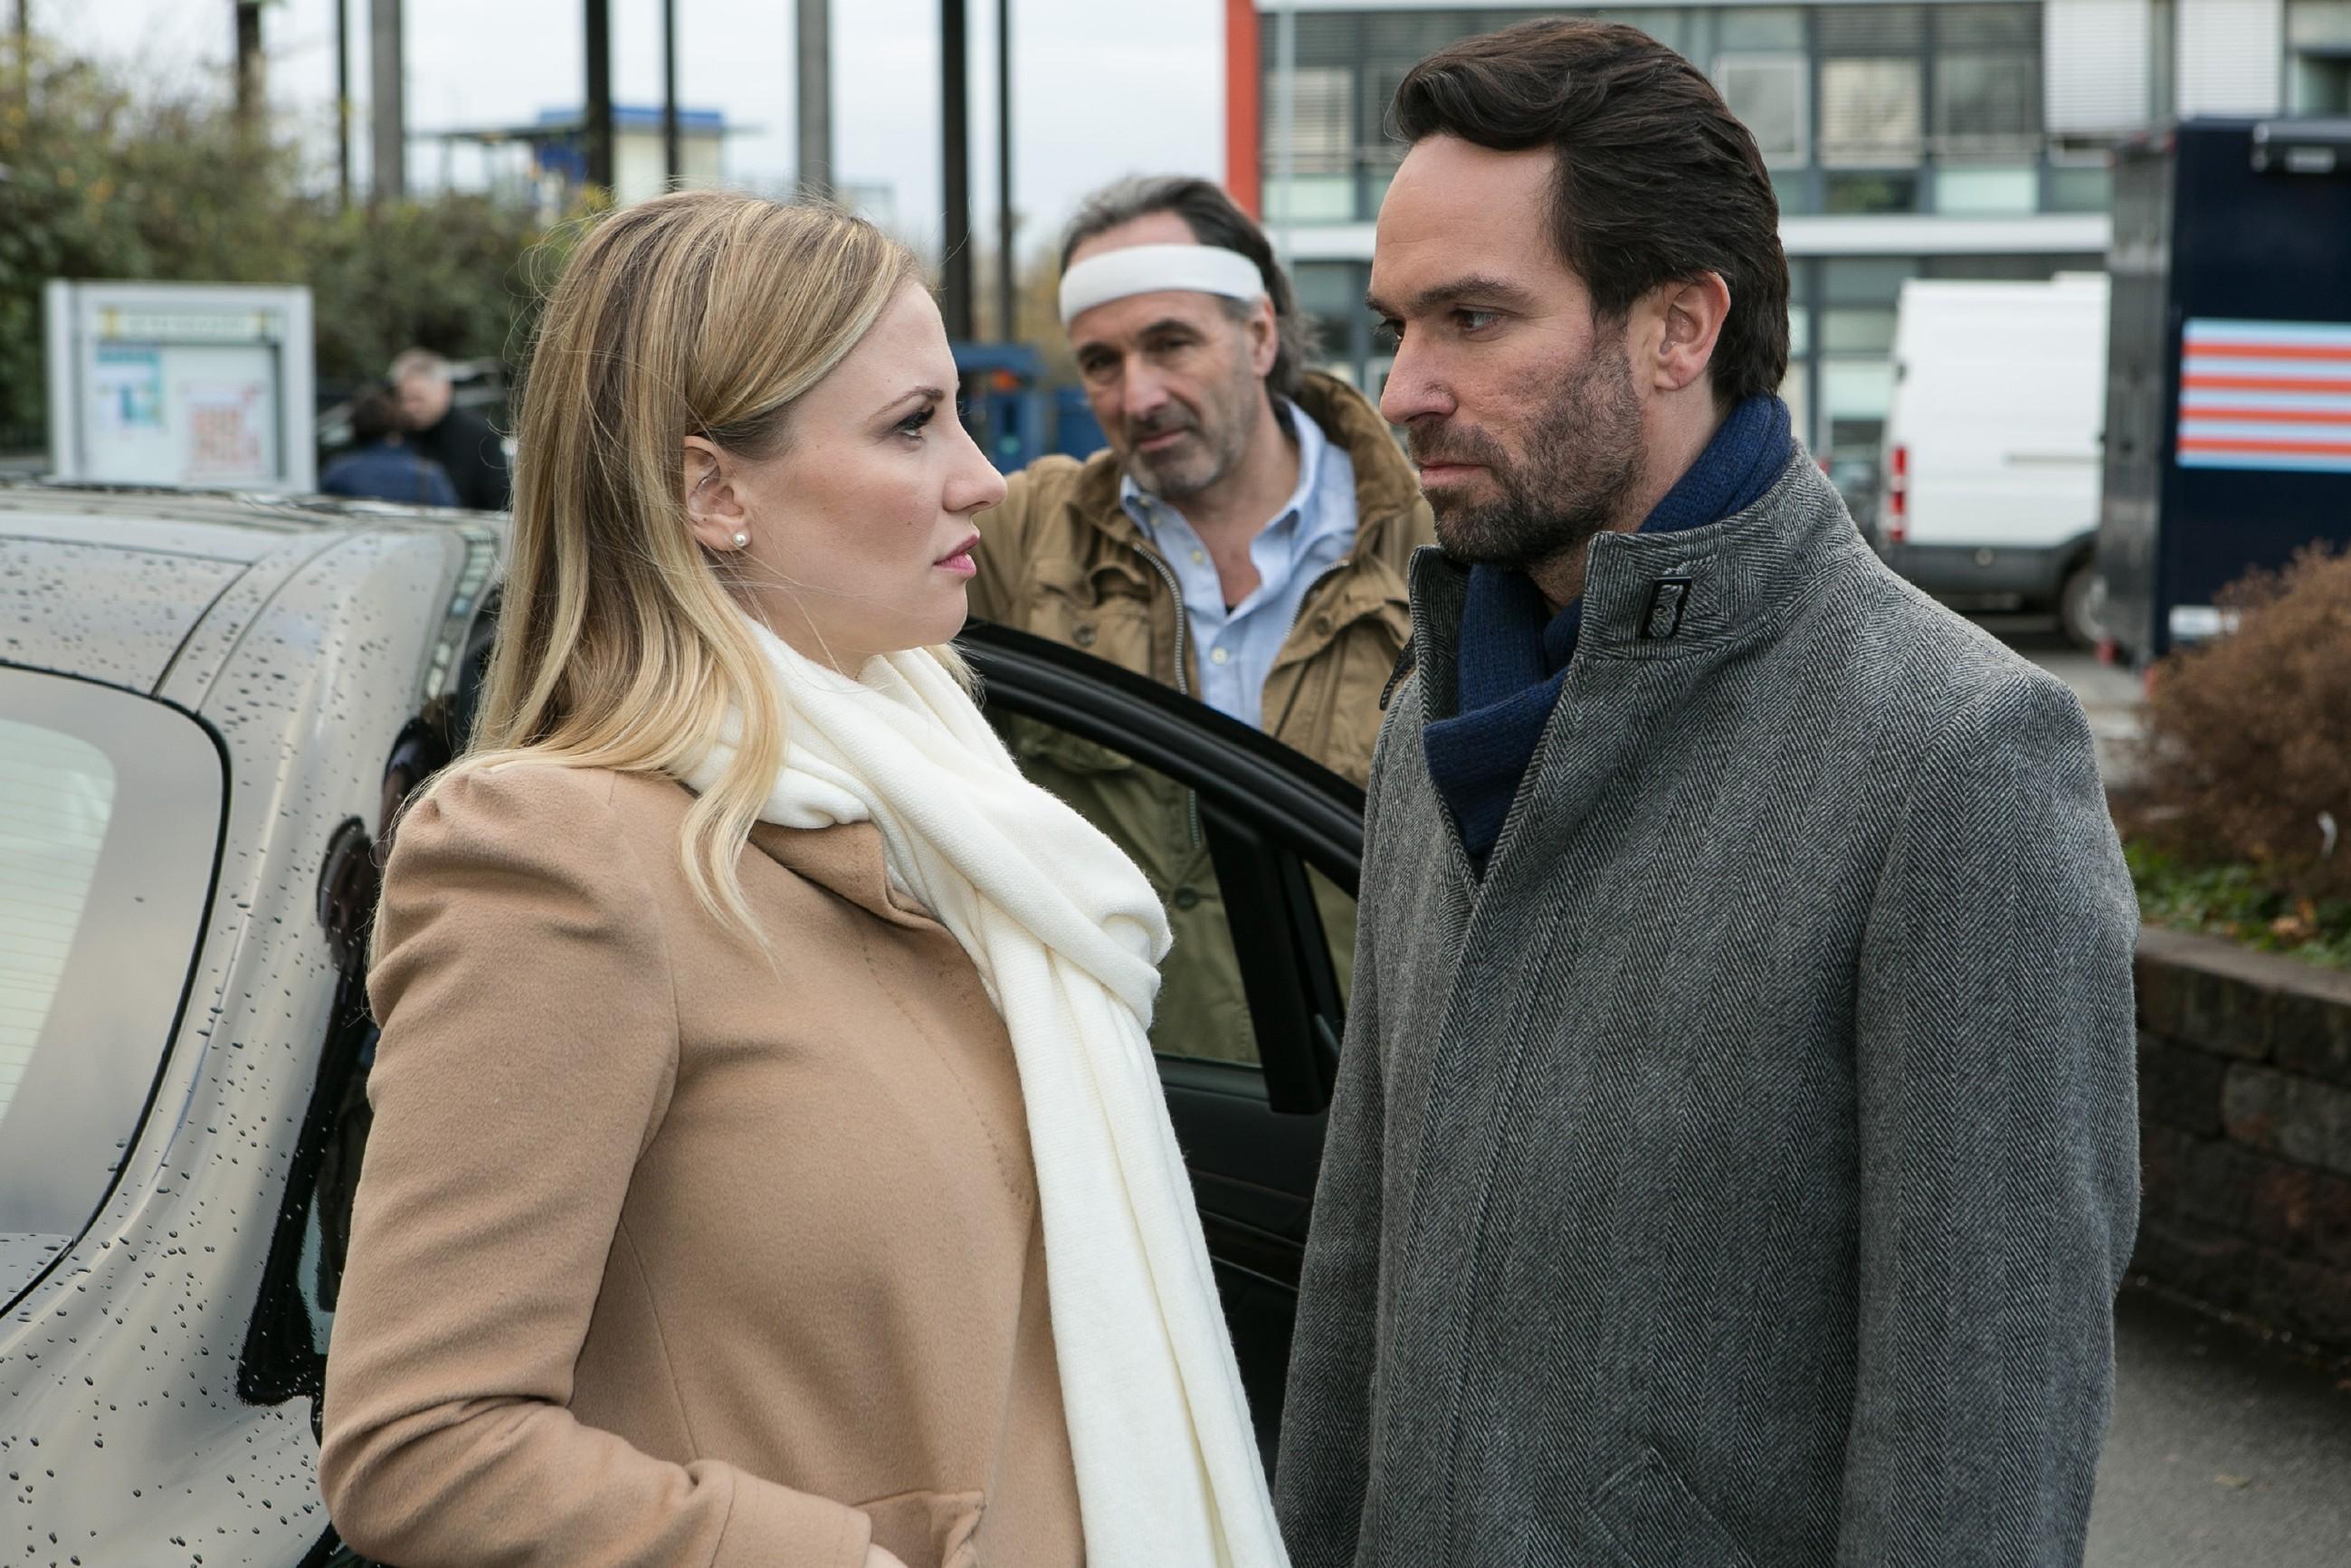 Thomas (Daniel Brockhaus, r.) bittet Isabelle (Ania Niedieck) mit einem emotionalen Appell, nicht mit Johann (Holger Christian Gotha) zu gehen und bei ihm zu bleiben. (Quelle: RTL / Kai Schulz)